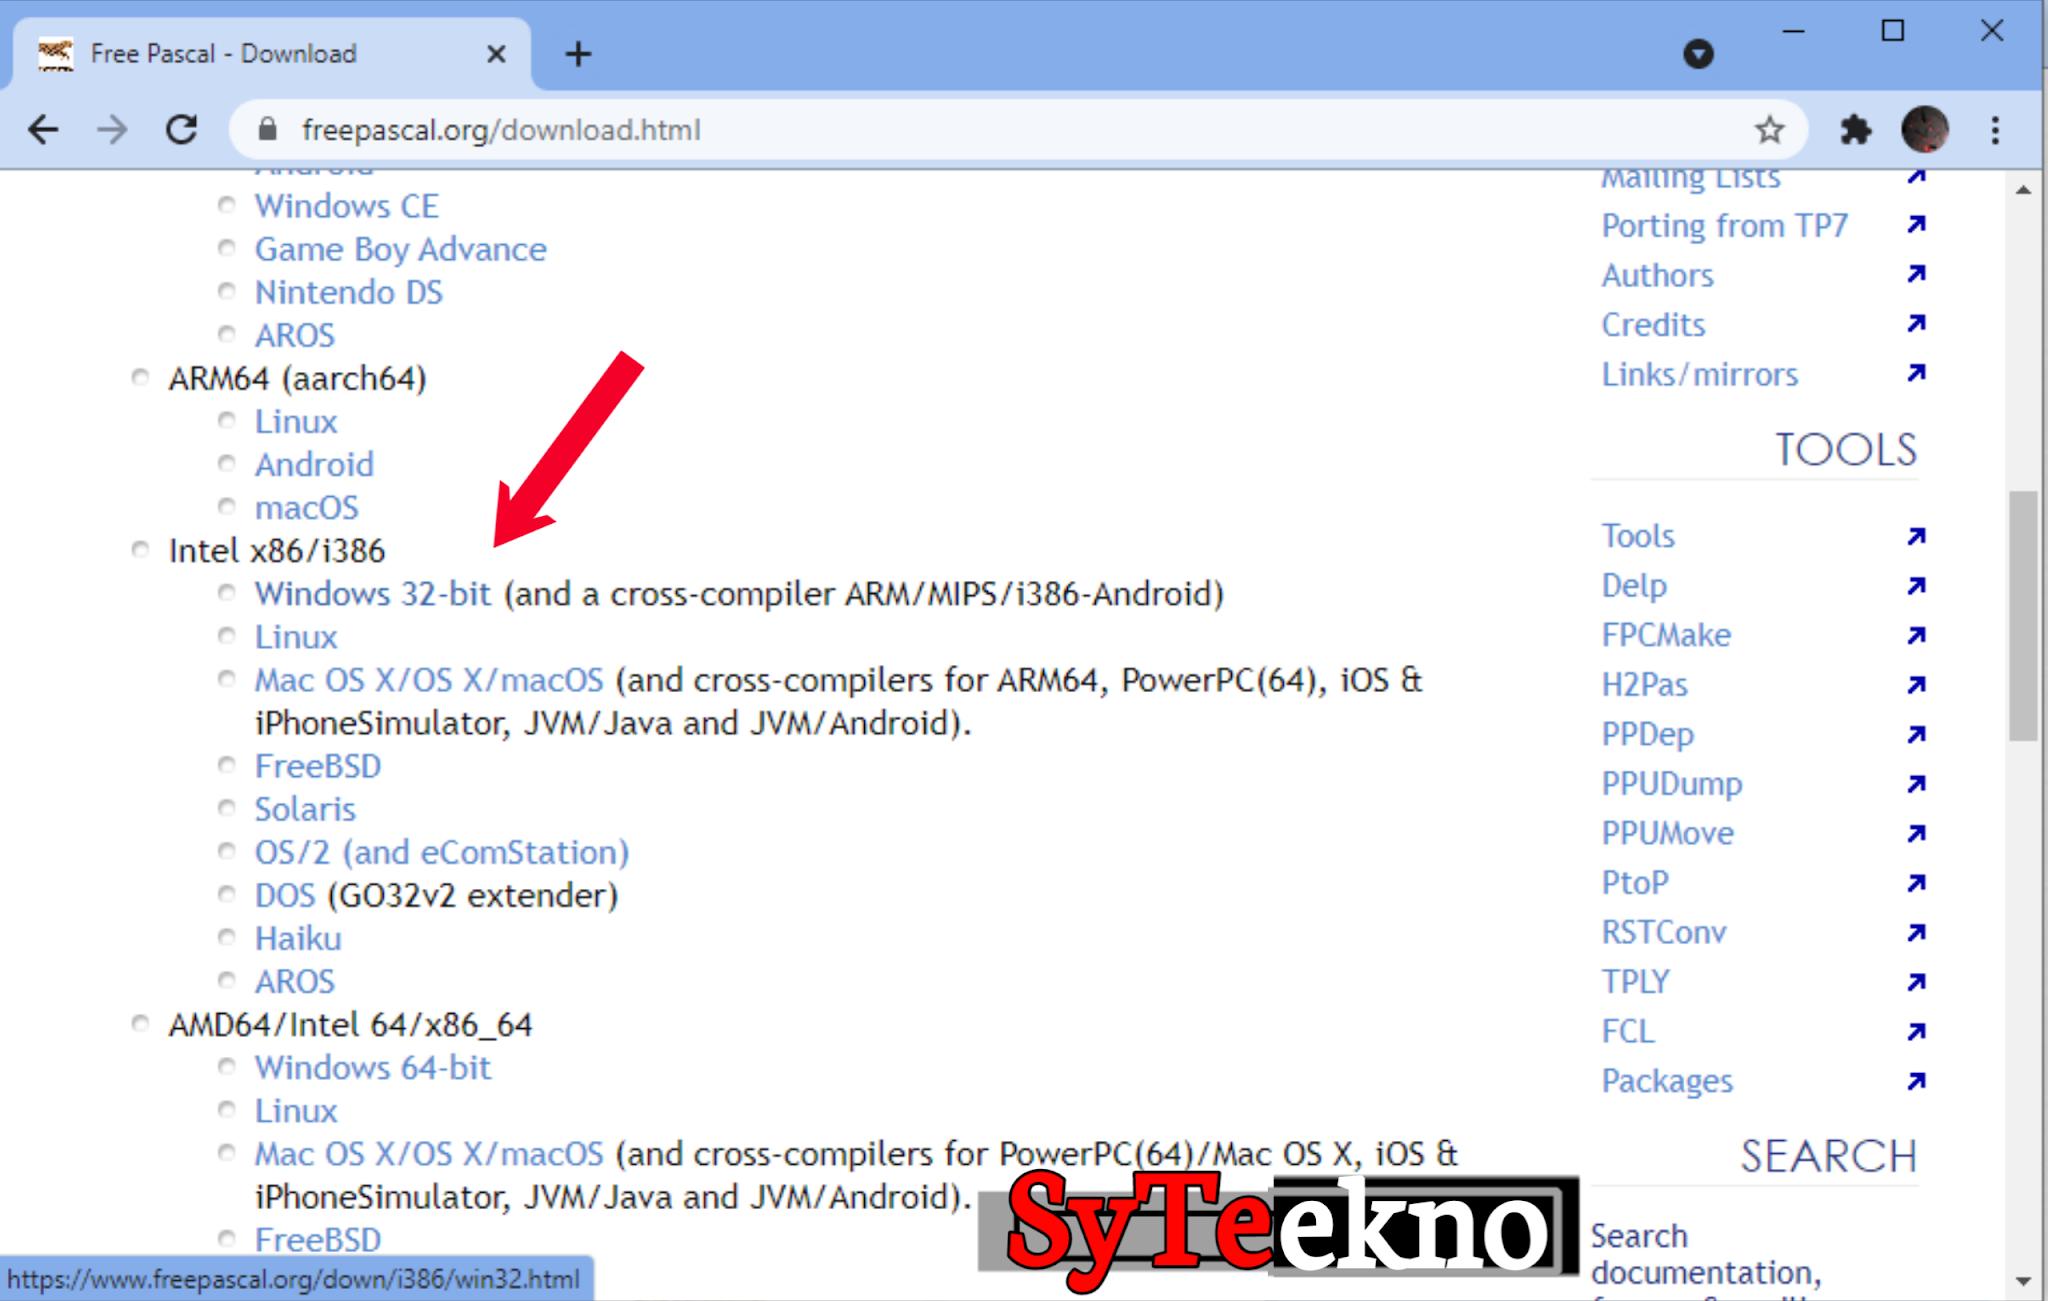 Mendownload Pascal melalui web bag 2 syteekno